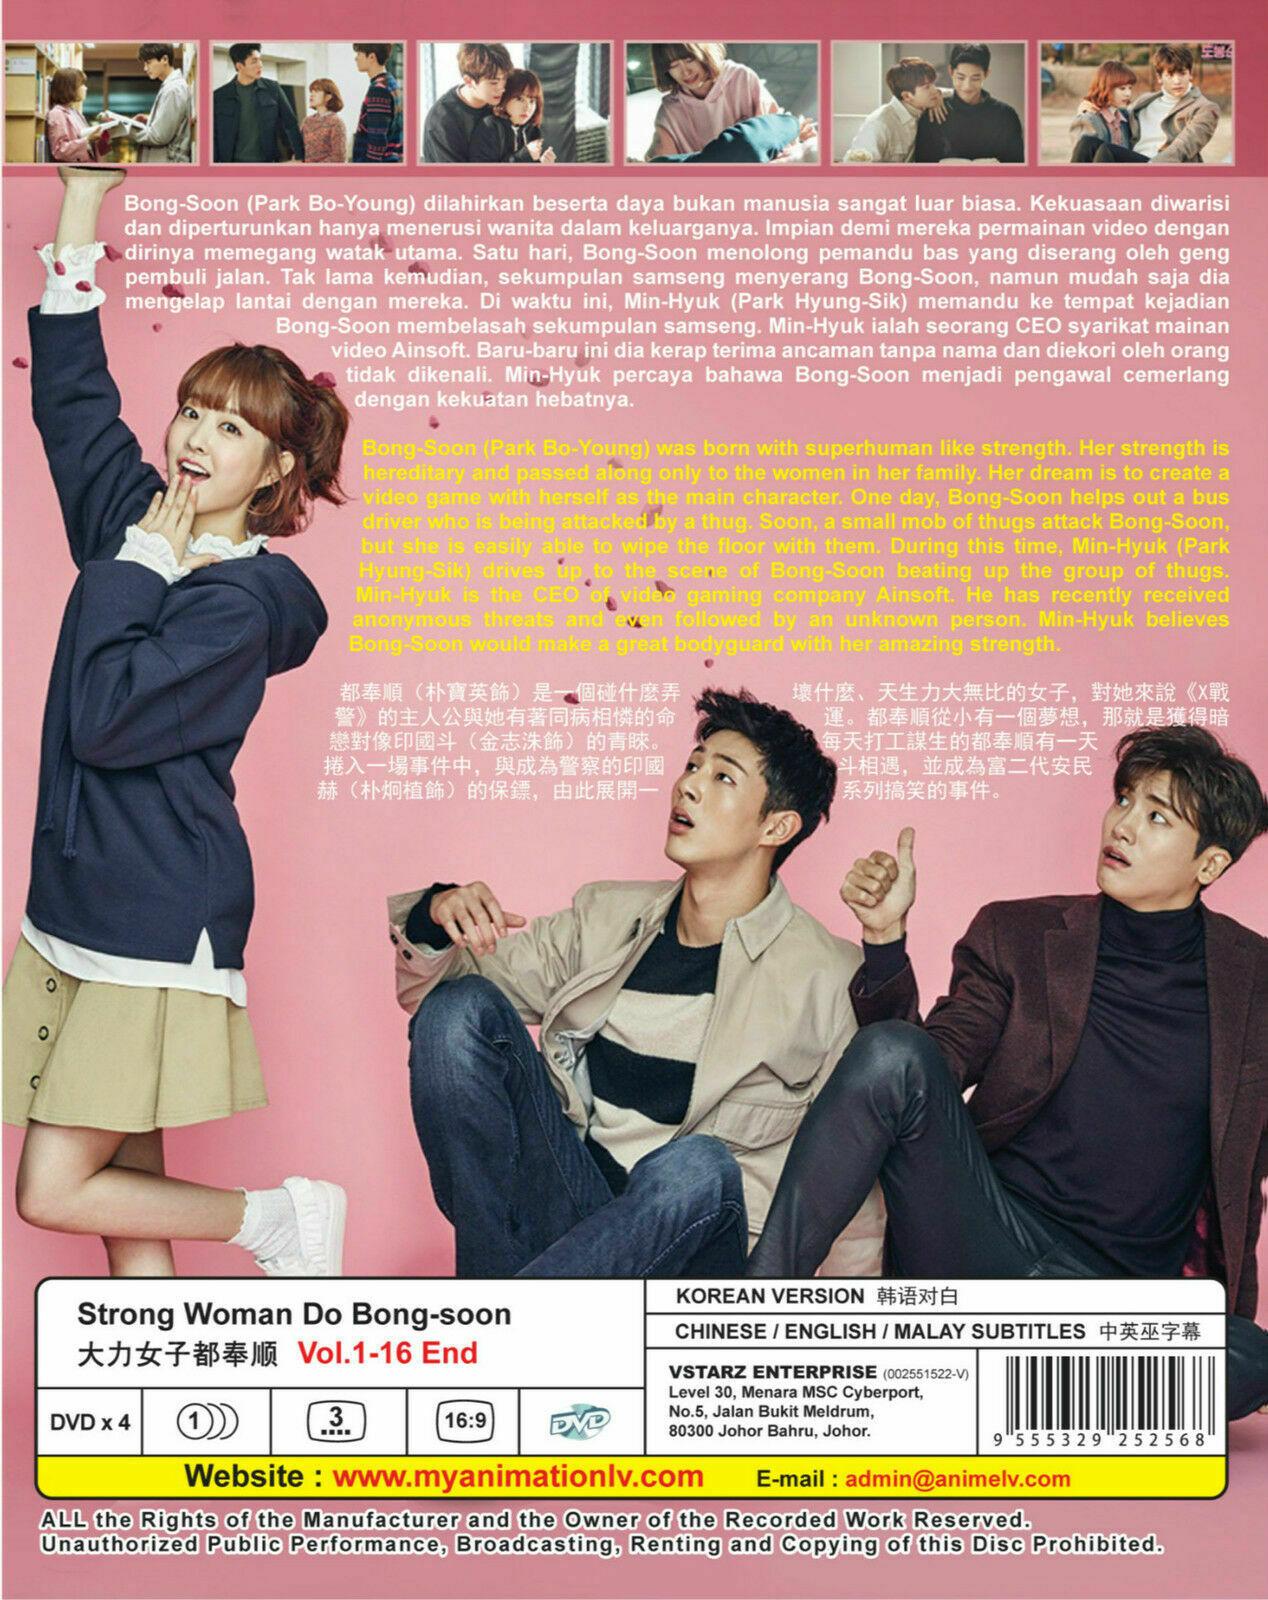 Strong Woman Do Bong Soon Korean TV Drama Dvd -English Subtitle